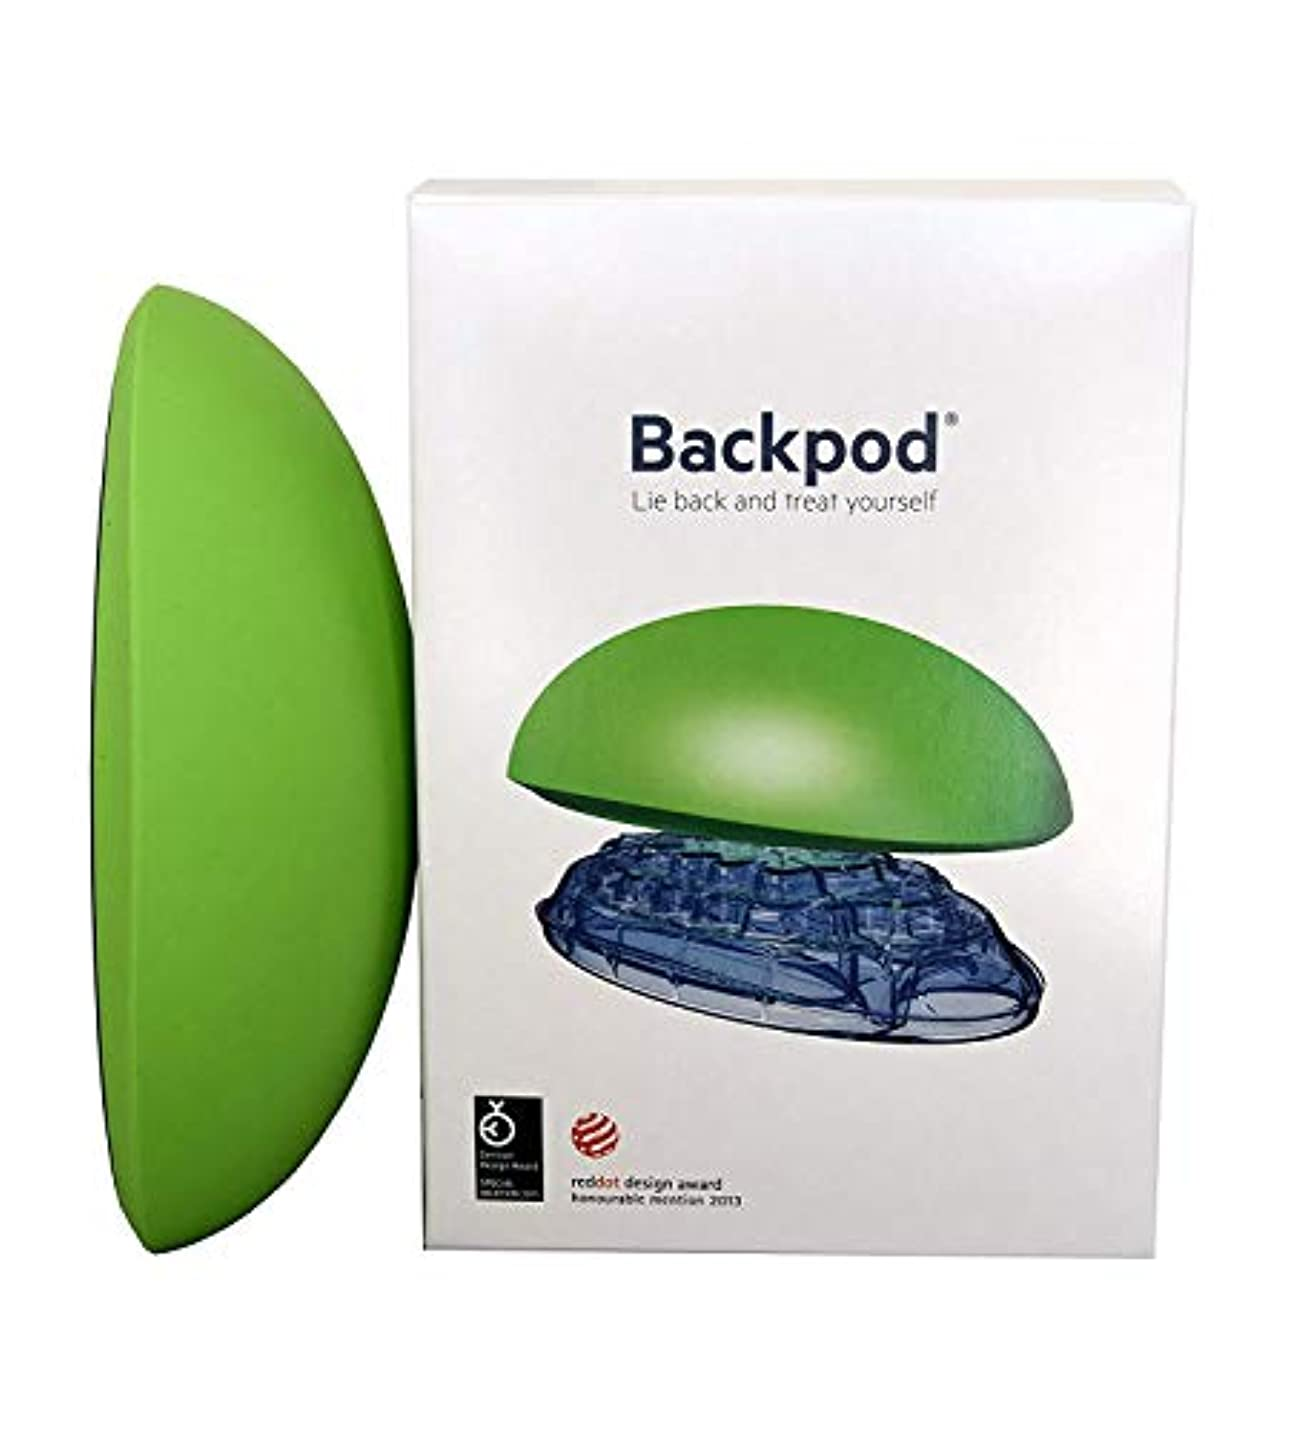 ステーキピクニックをする投獄Backpod ― Backpodは、頸部痛、上背部の痛み、頭痛のための高質なトリートメントです。これらの痛みは、スマートフォンやコンピュータを猫背になって使用していることで起こります。また、Backpodは、肋軟骨炎、...